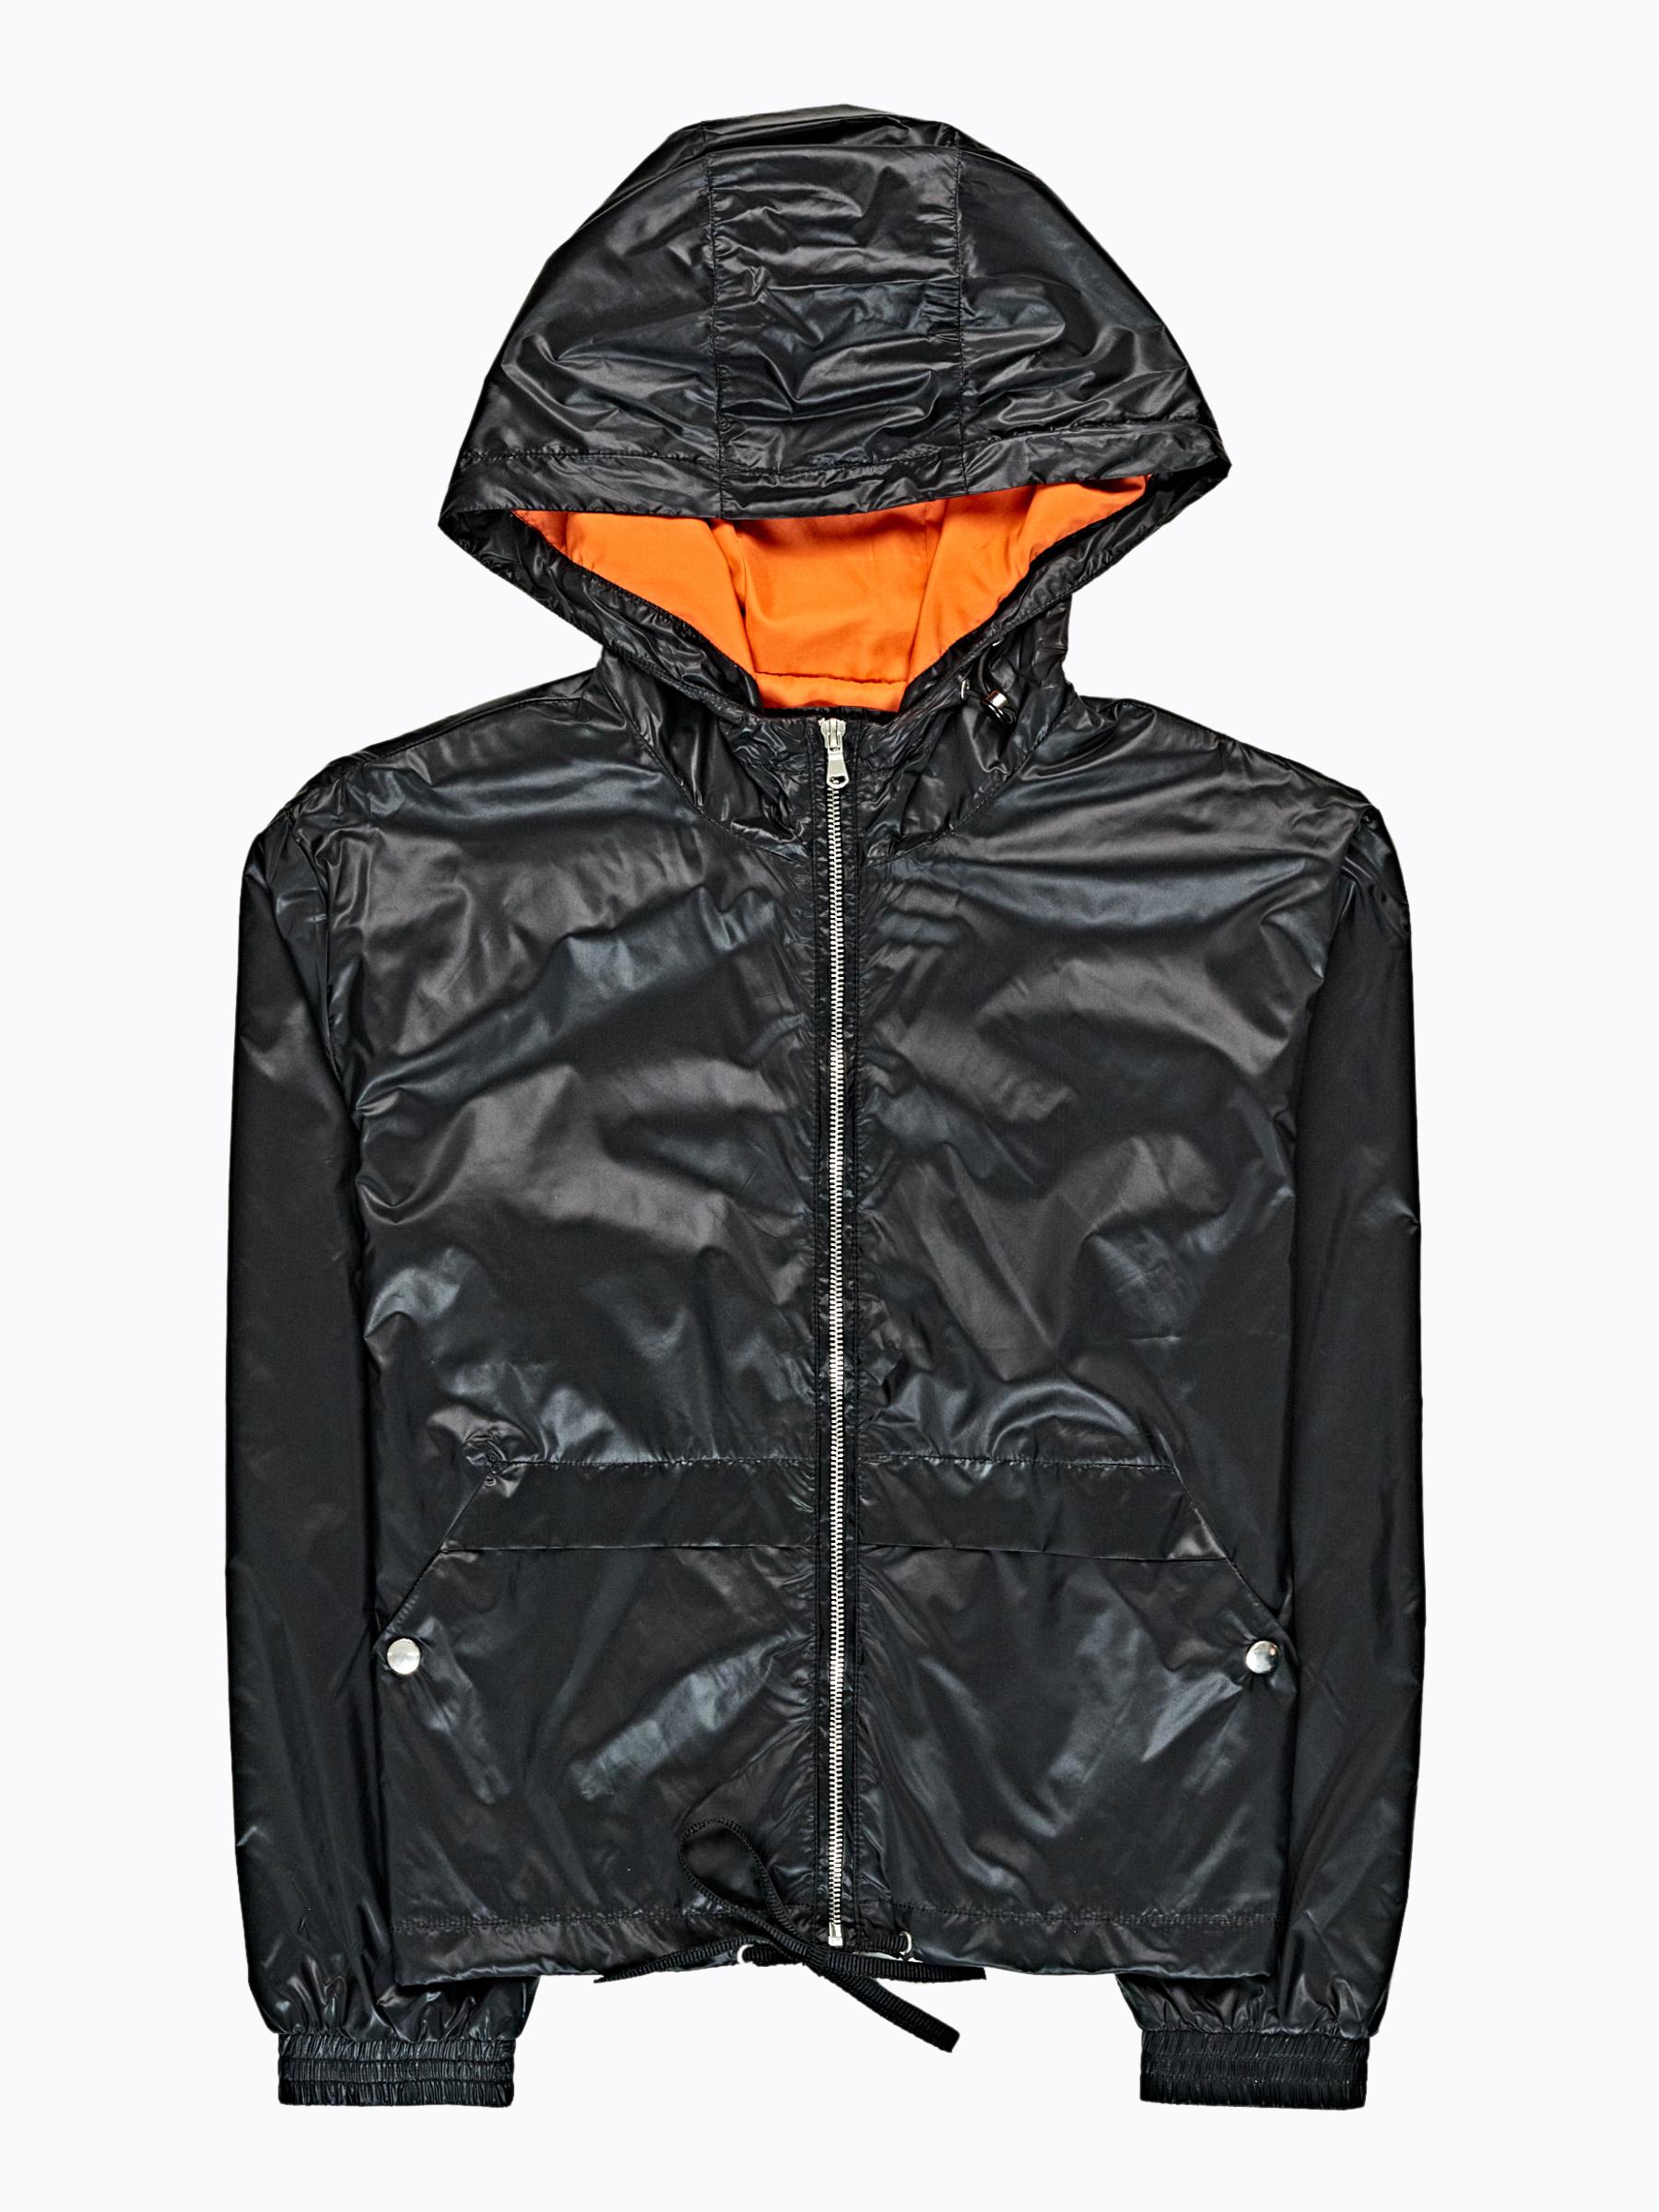 GATE Nylonová bunda s kapucňou